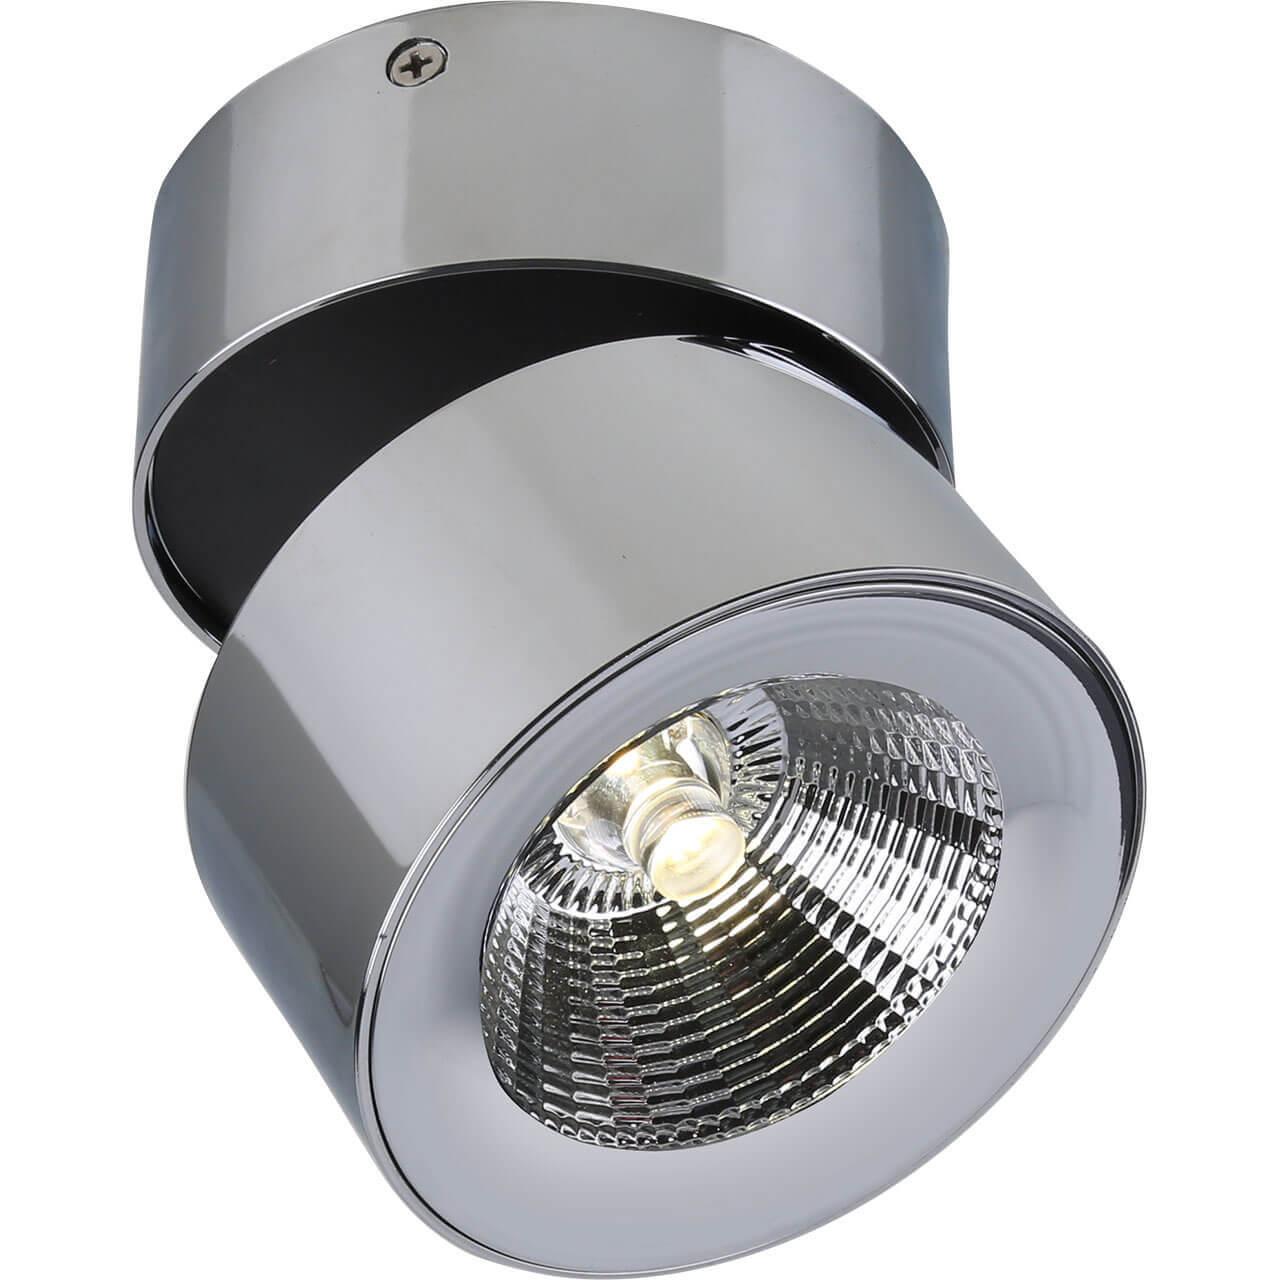 Фото - Светильник потолочный Divinare 1295/02 PL-1 светильник потолочный divinare 1308 02 pl 8